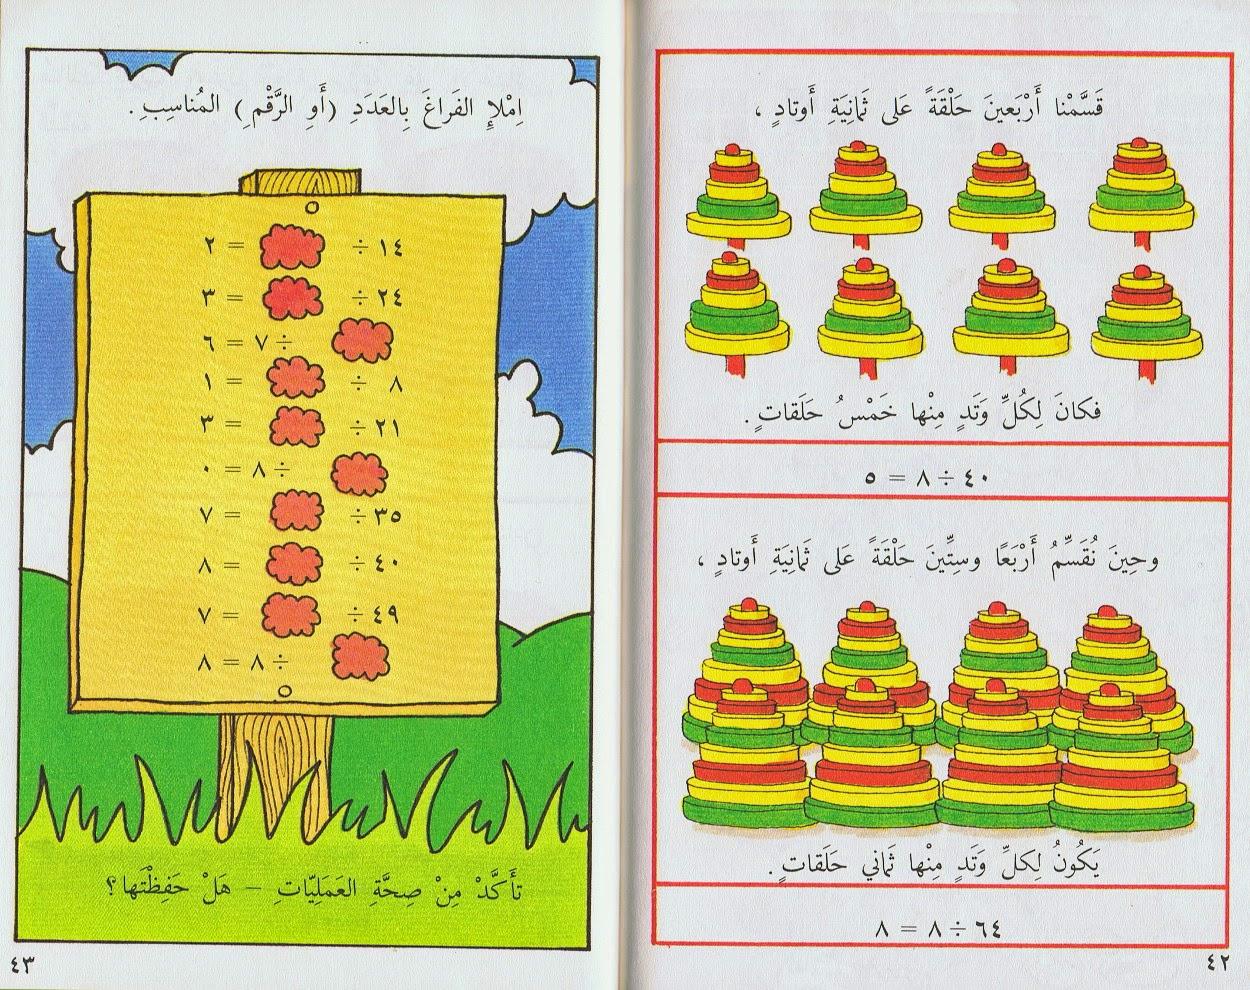 كتاب تعليم القسمة لأطفال الصف الثالث بالألوان الطبيعية 2015 CCI05062012_00051.jp